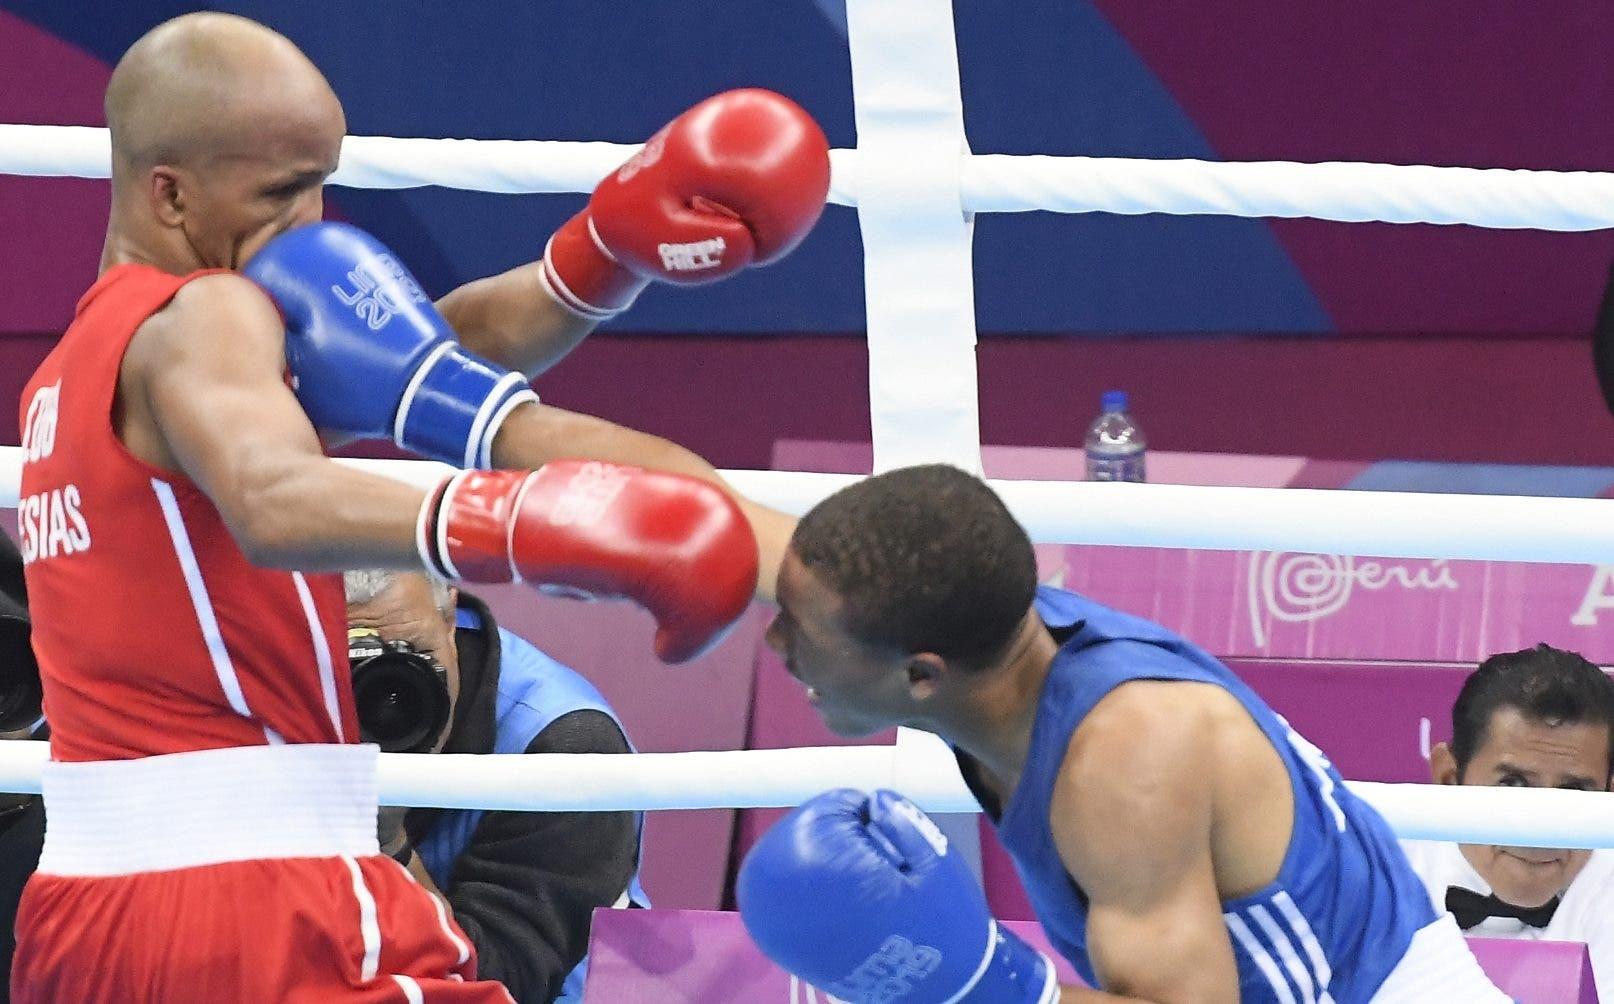 Roan Polanco siempre se mantuvo firme en todas sus competencias en los Panamericanos de Lima Perú.